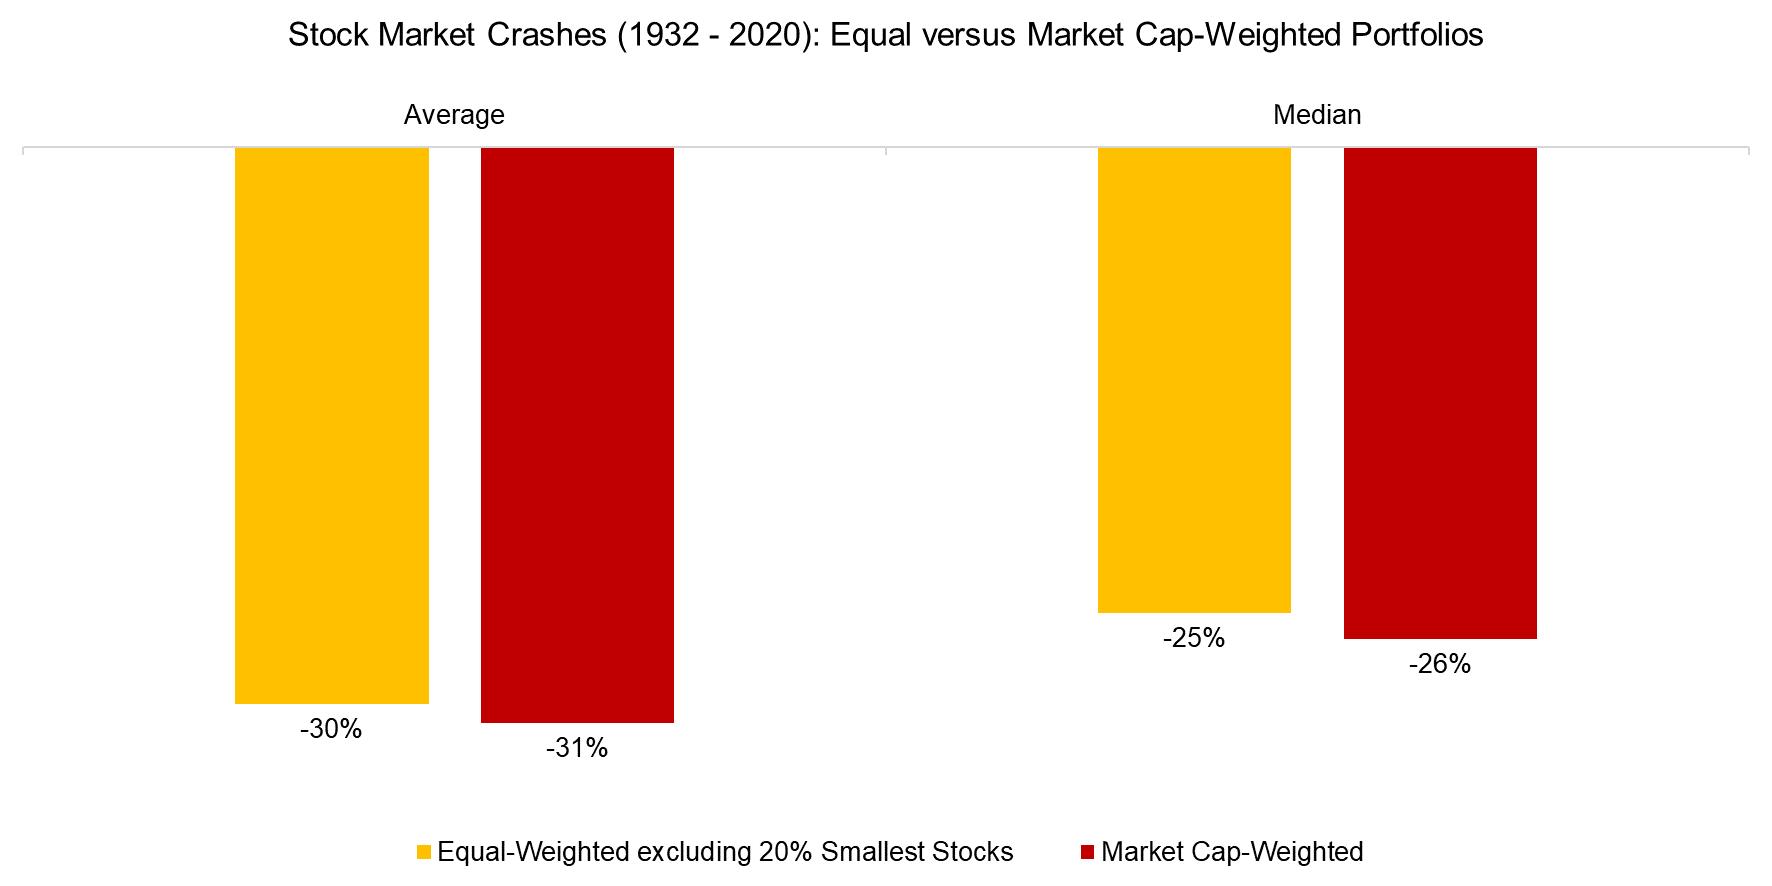 Stock Market Crashes (1932 - 2020) Equal versus Market Cap-Weighted Portfolios